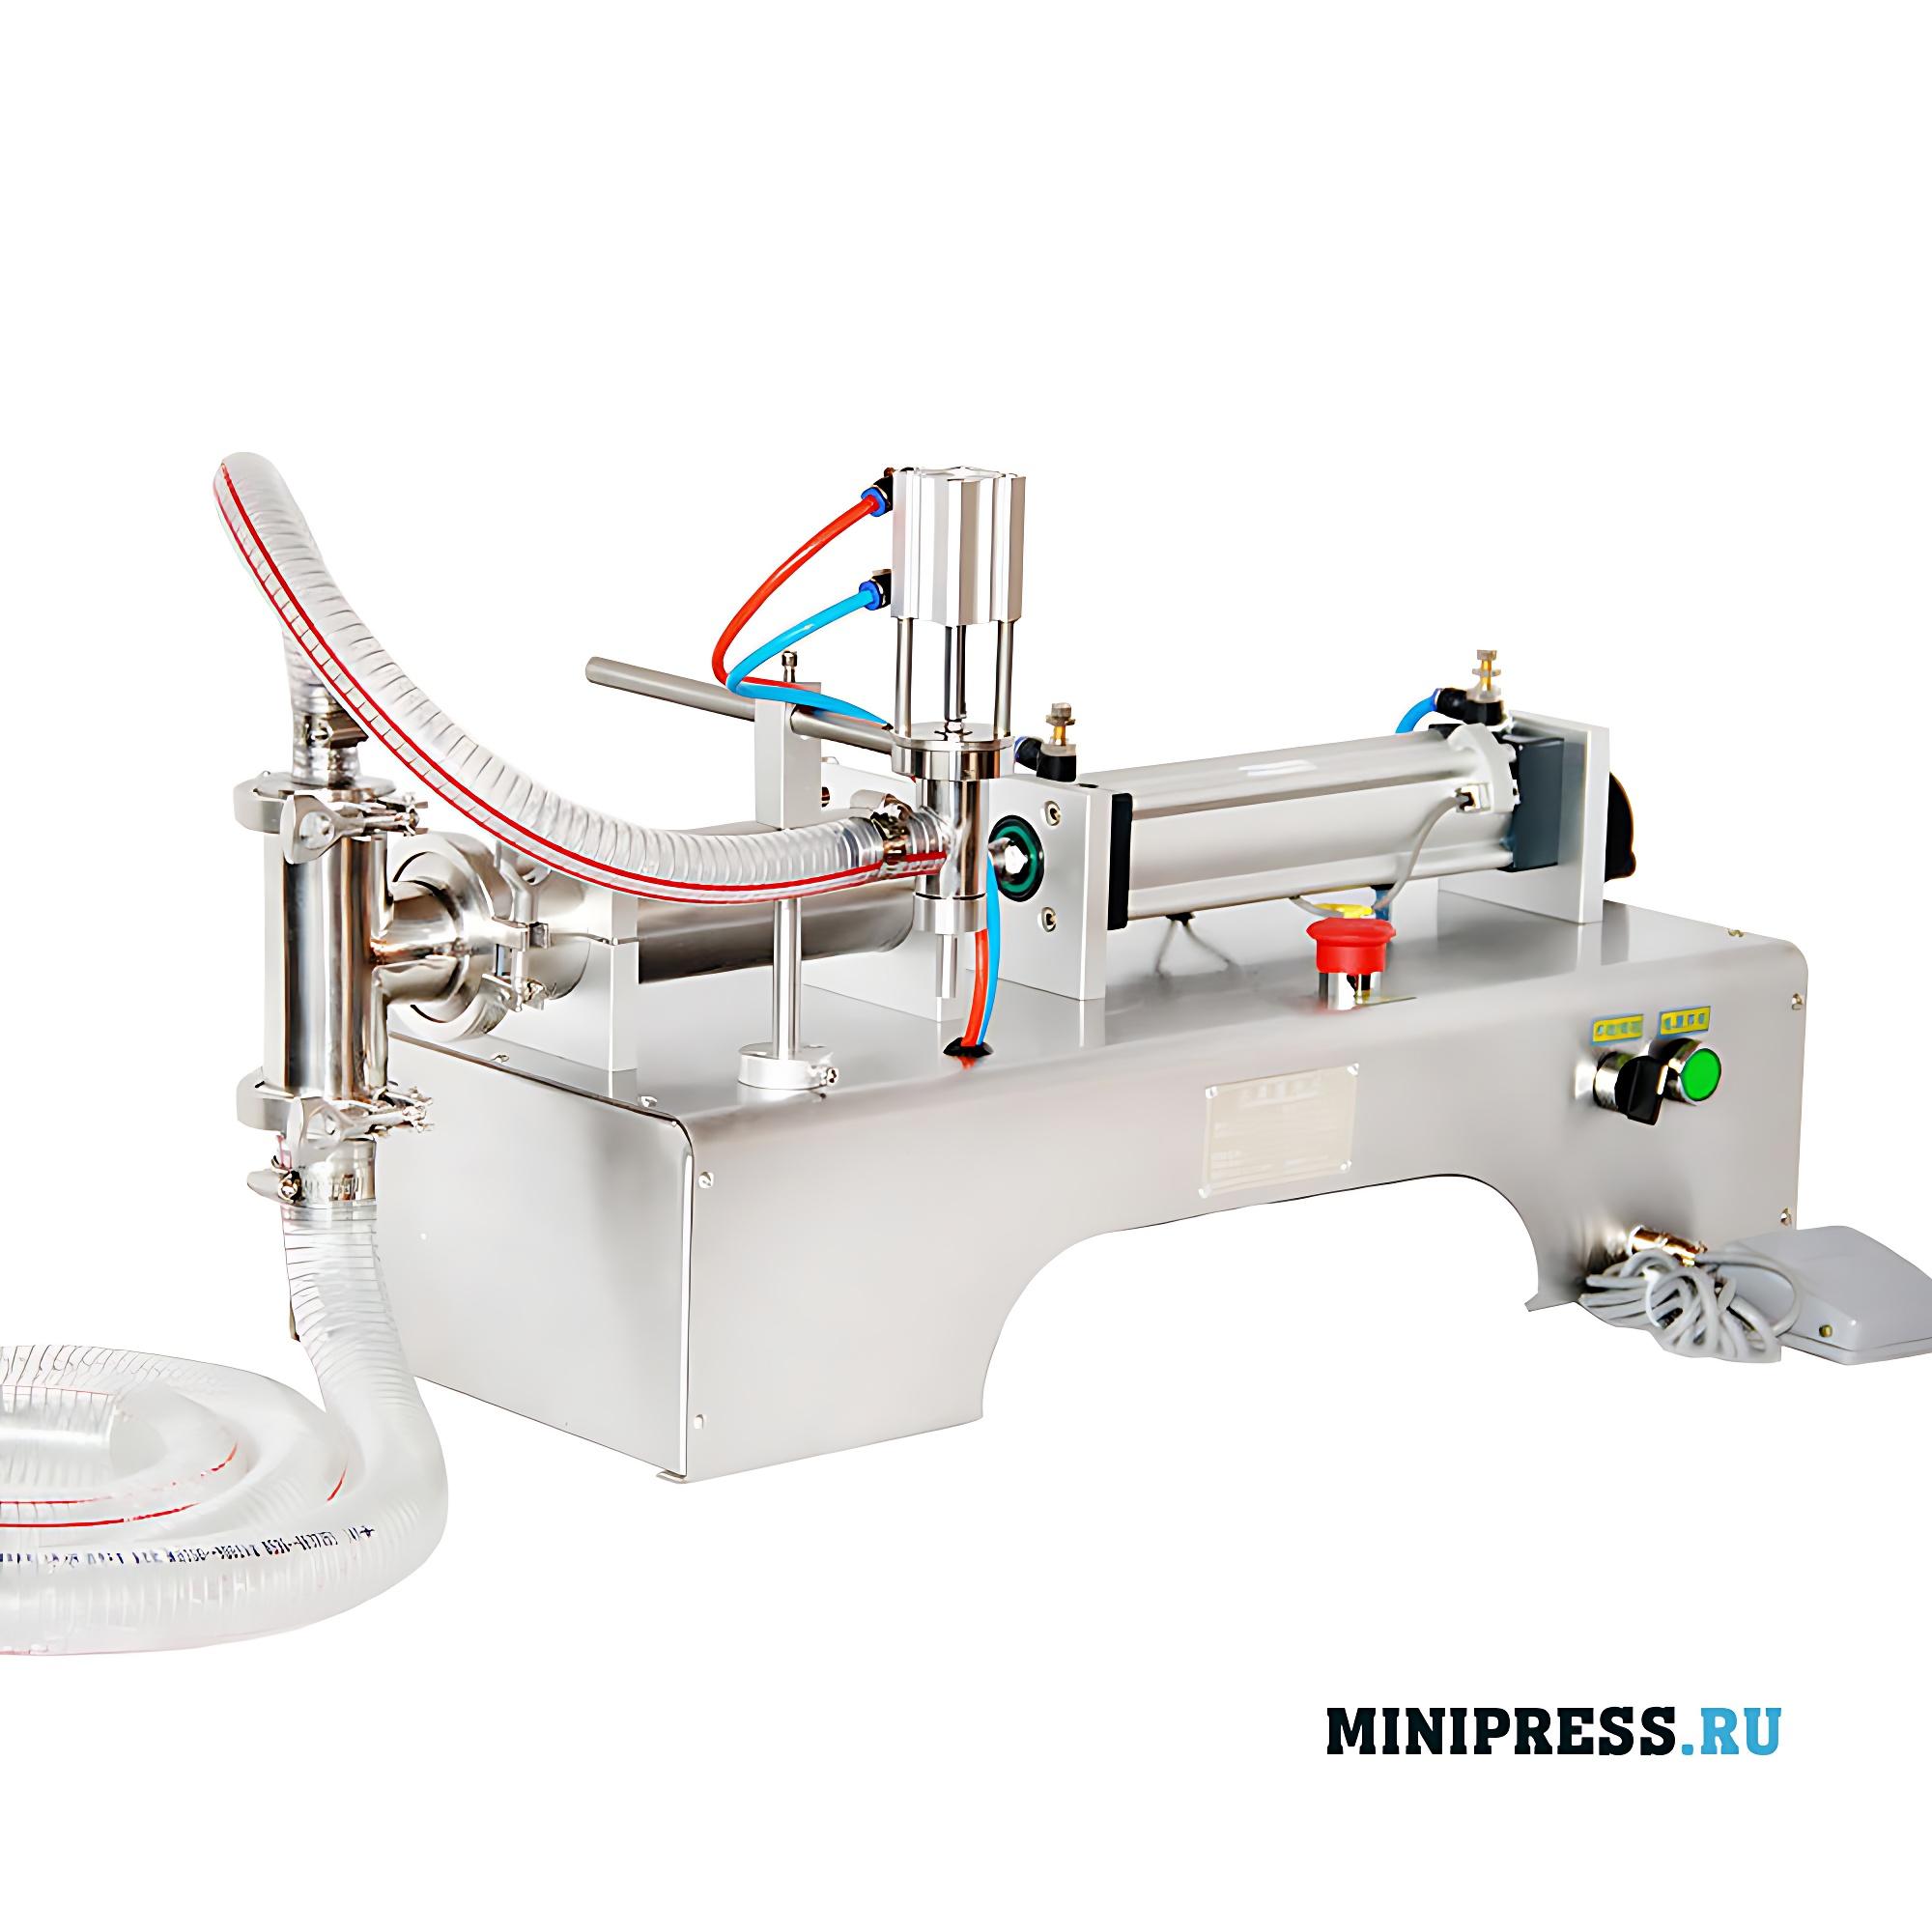 Настольная полуавтоматическая машинка для розлива жидкостей в бутылки